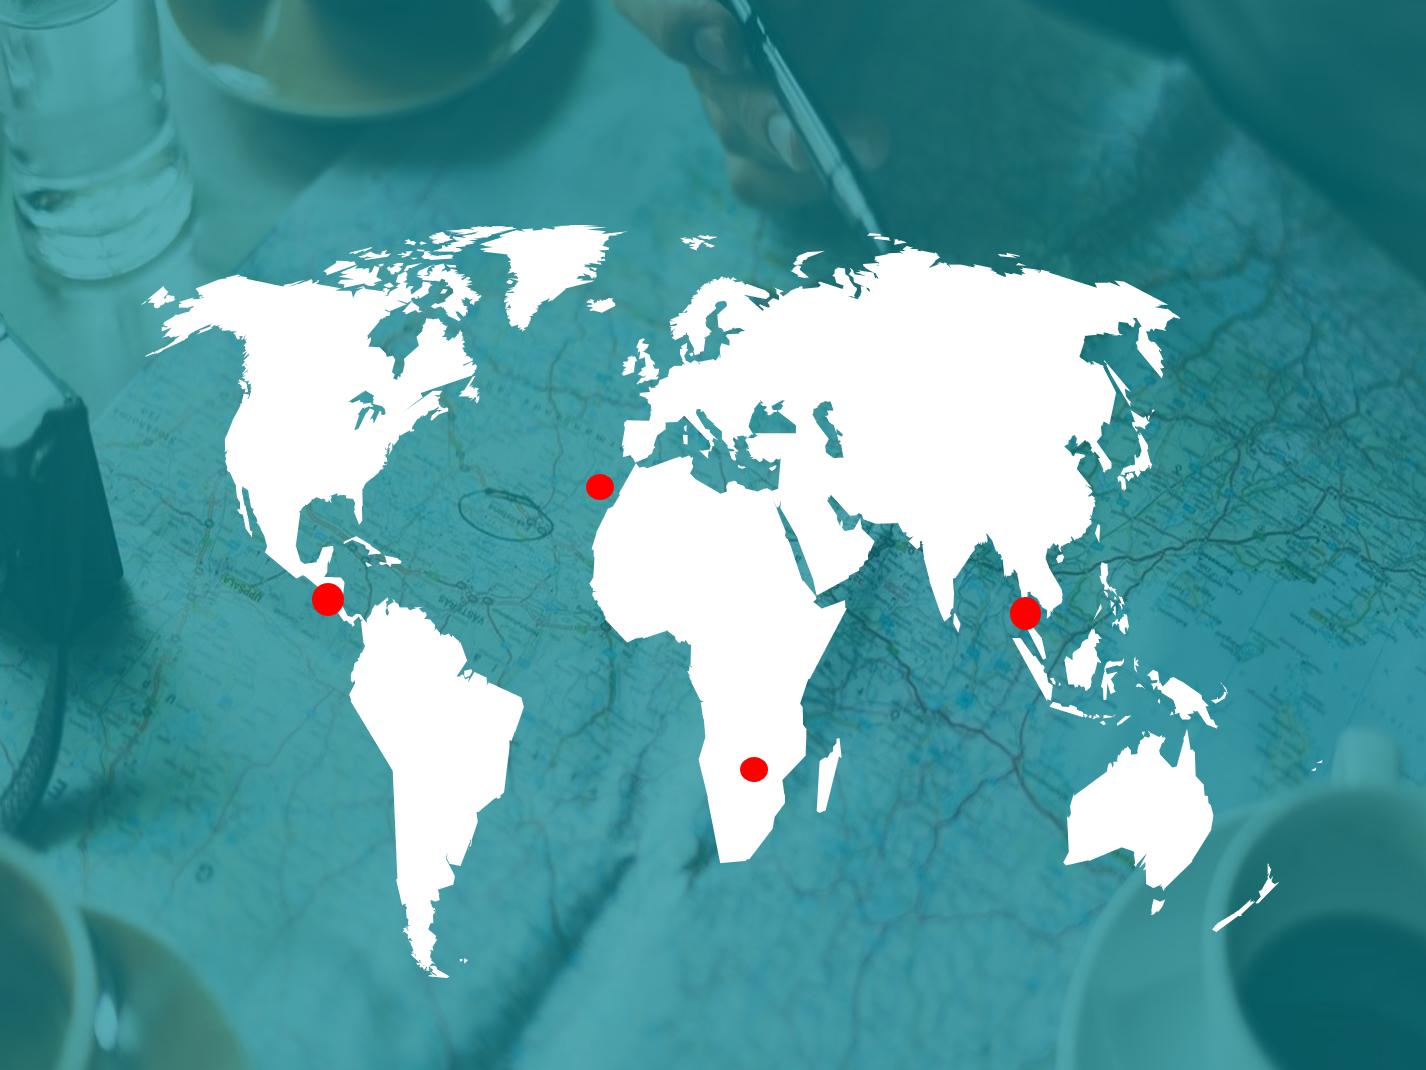 Kohteet jotka Ekomatkaajat ovat valinneet sijaitsevat ympäri maailmaa.